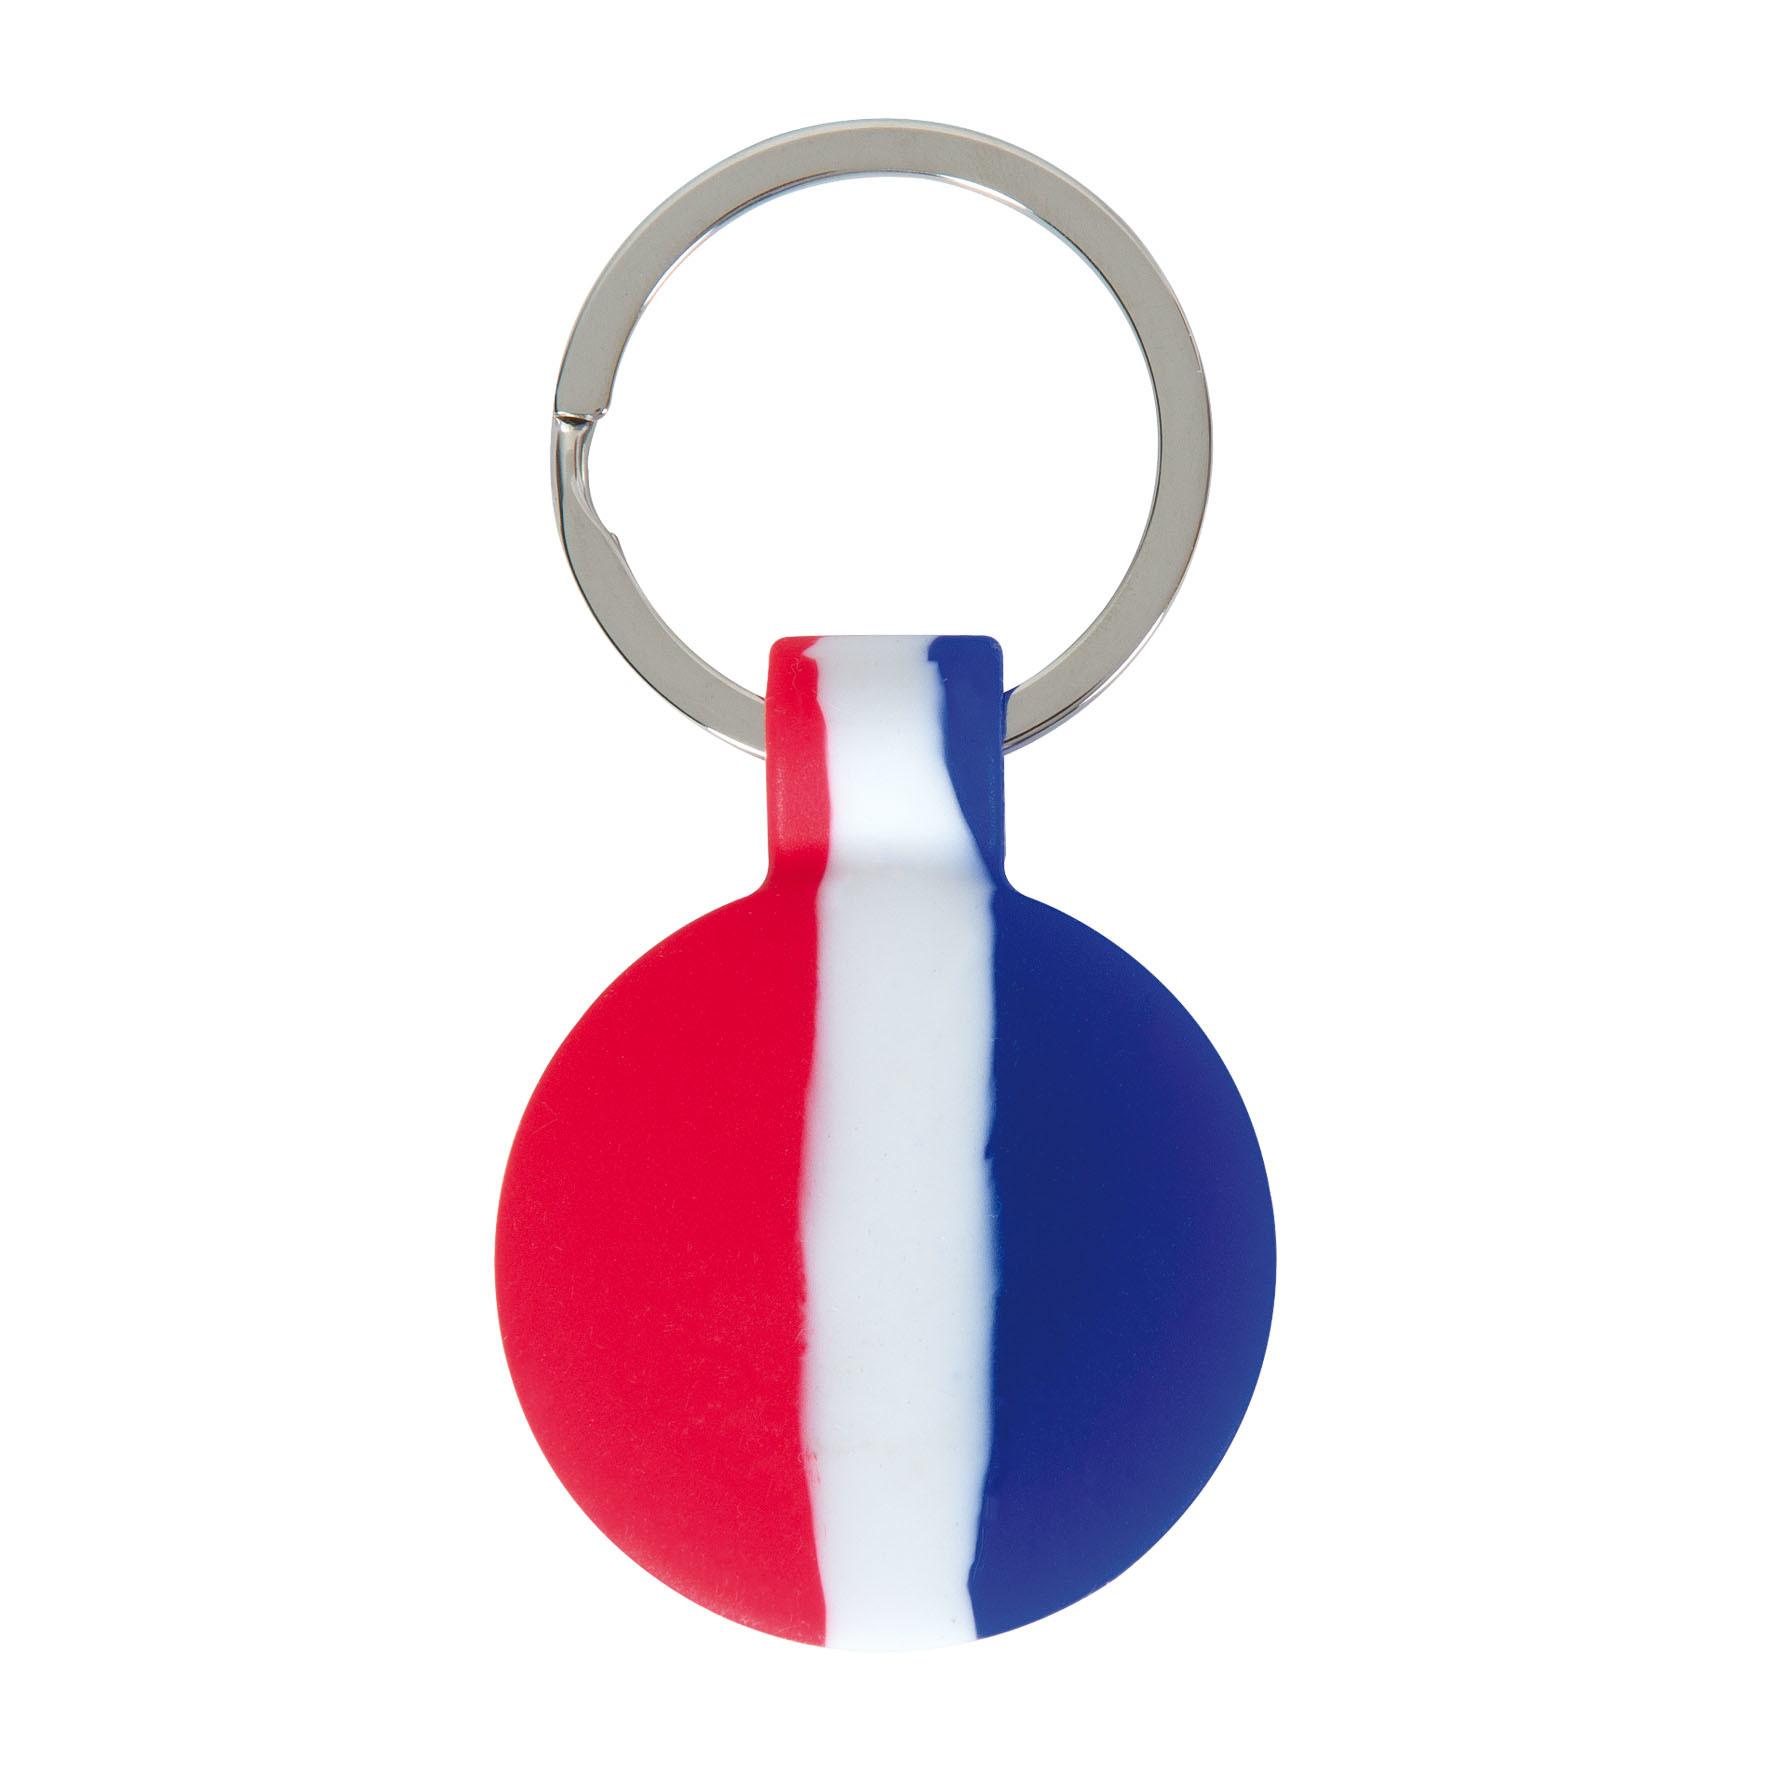 Porte-clés jeton coq - 22-1257-3